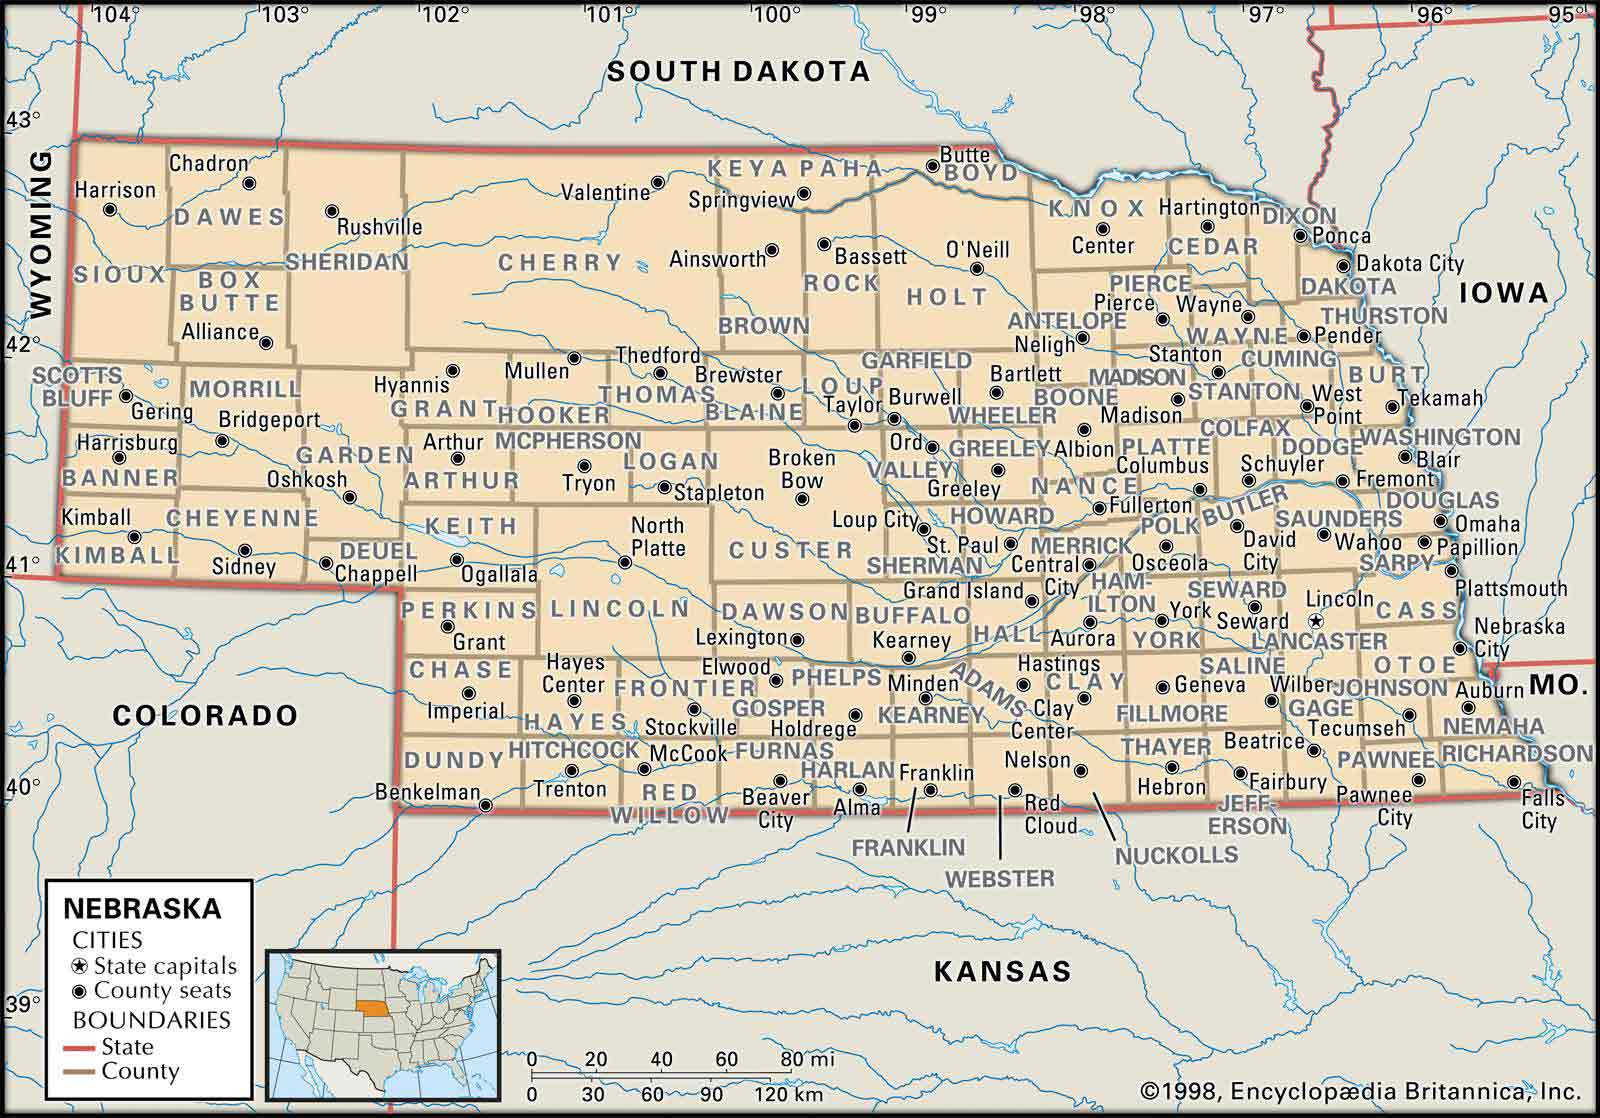 nebraska public land map Old Historical City County And State Maps Of Nebraska nebraska public land map